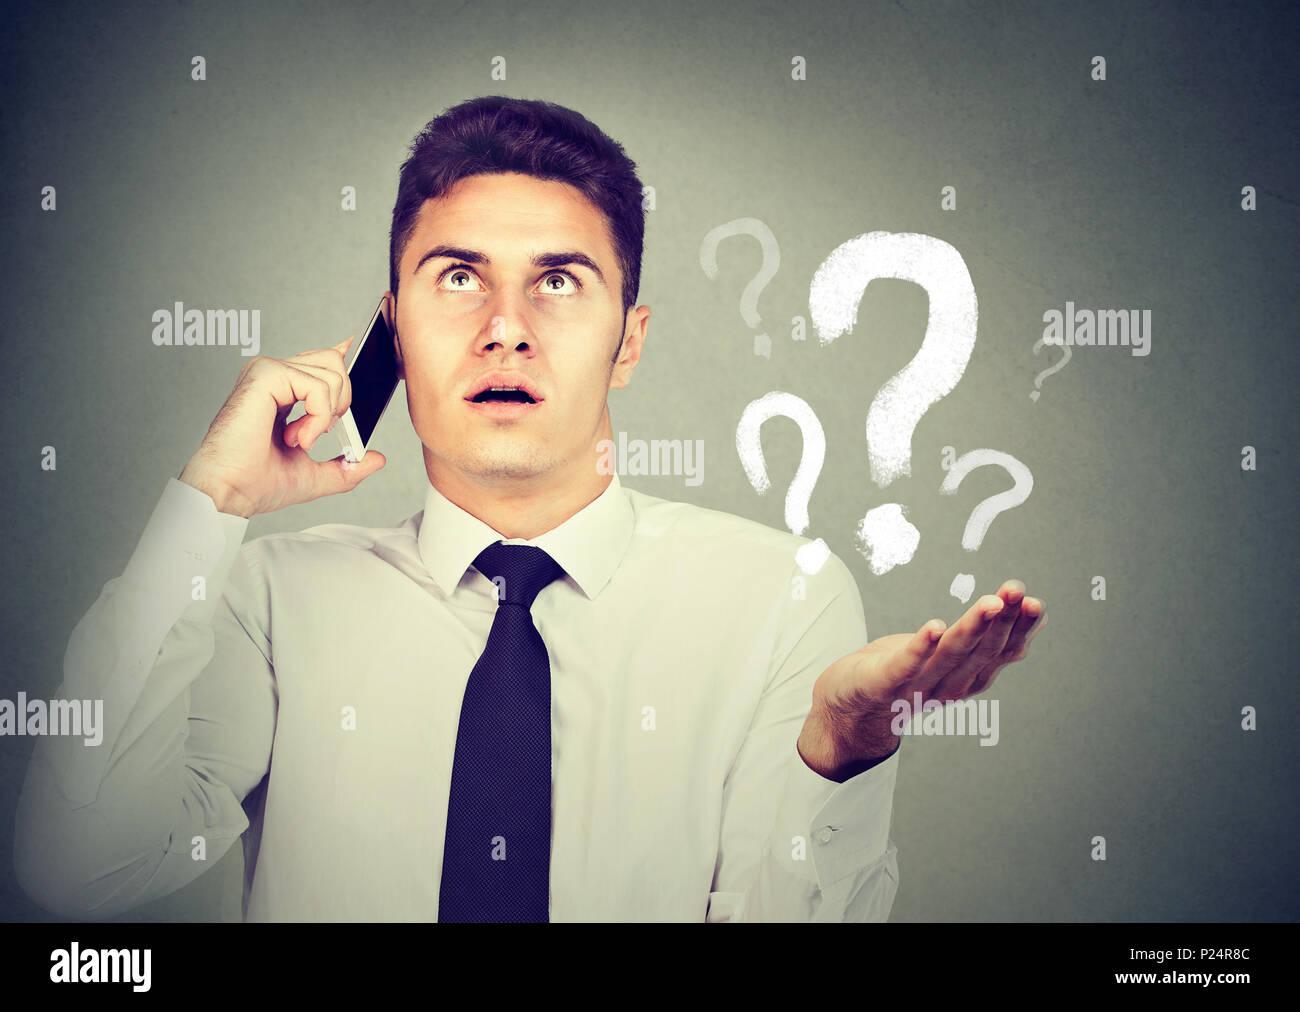 Missverständnis und entfernten Anruf Konzept. Wütend genervt junger Mann Gespräch am Handy hat viele Fragen auf grauem Hintergrund. Stockbild